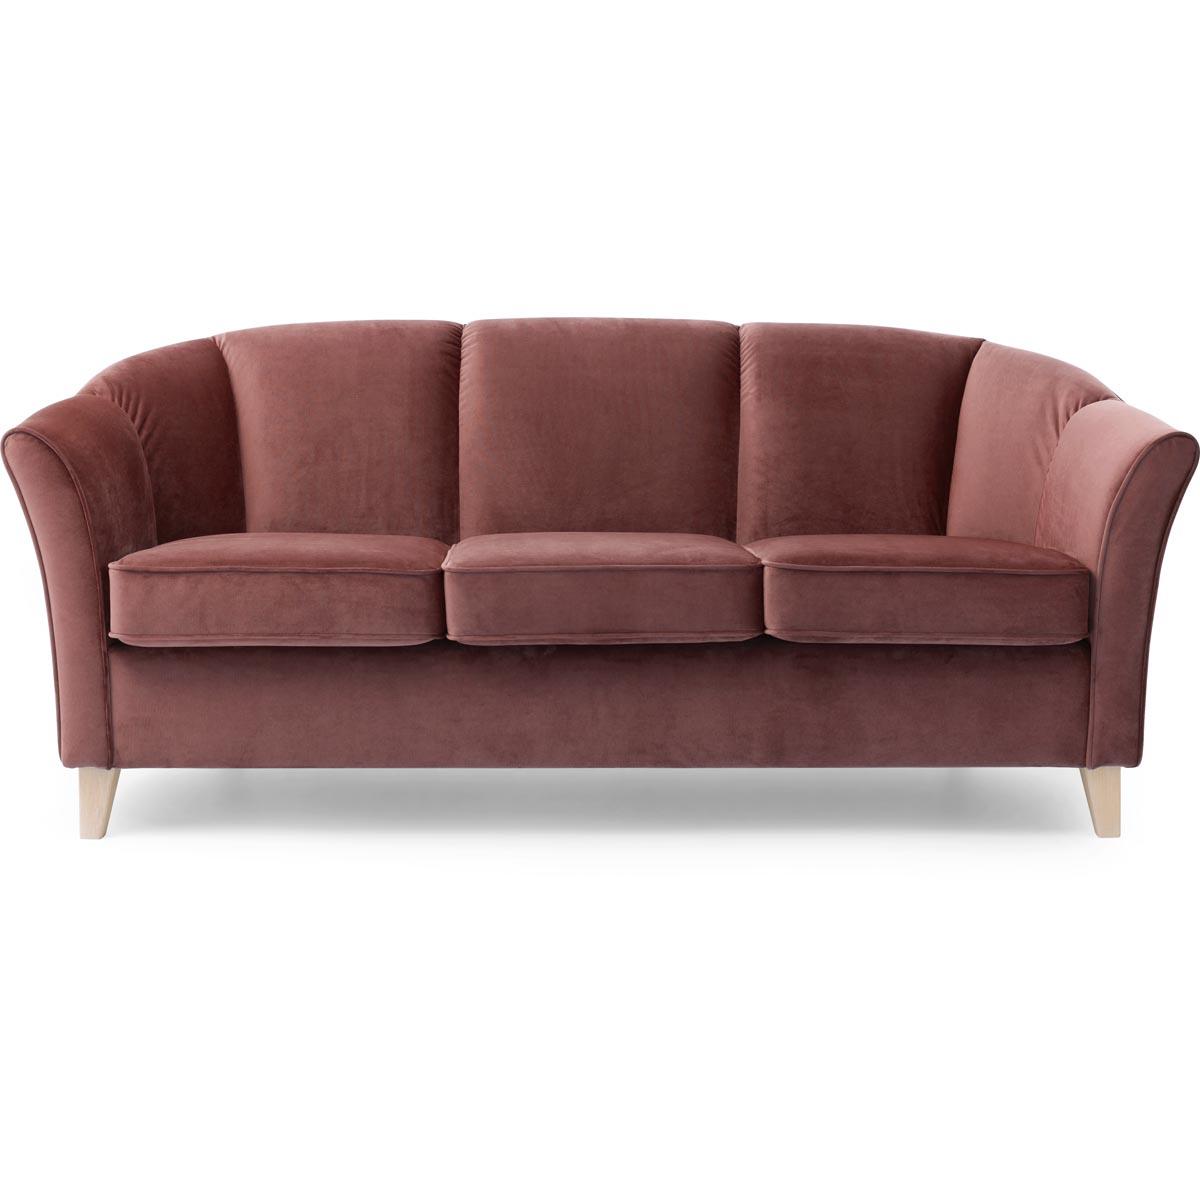 Ekerö soffa 3-sits tyg Monolith 63 dusty rose